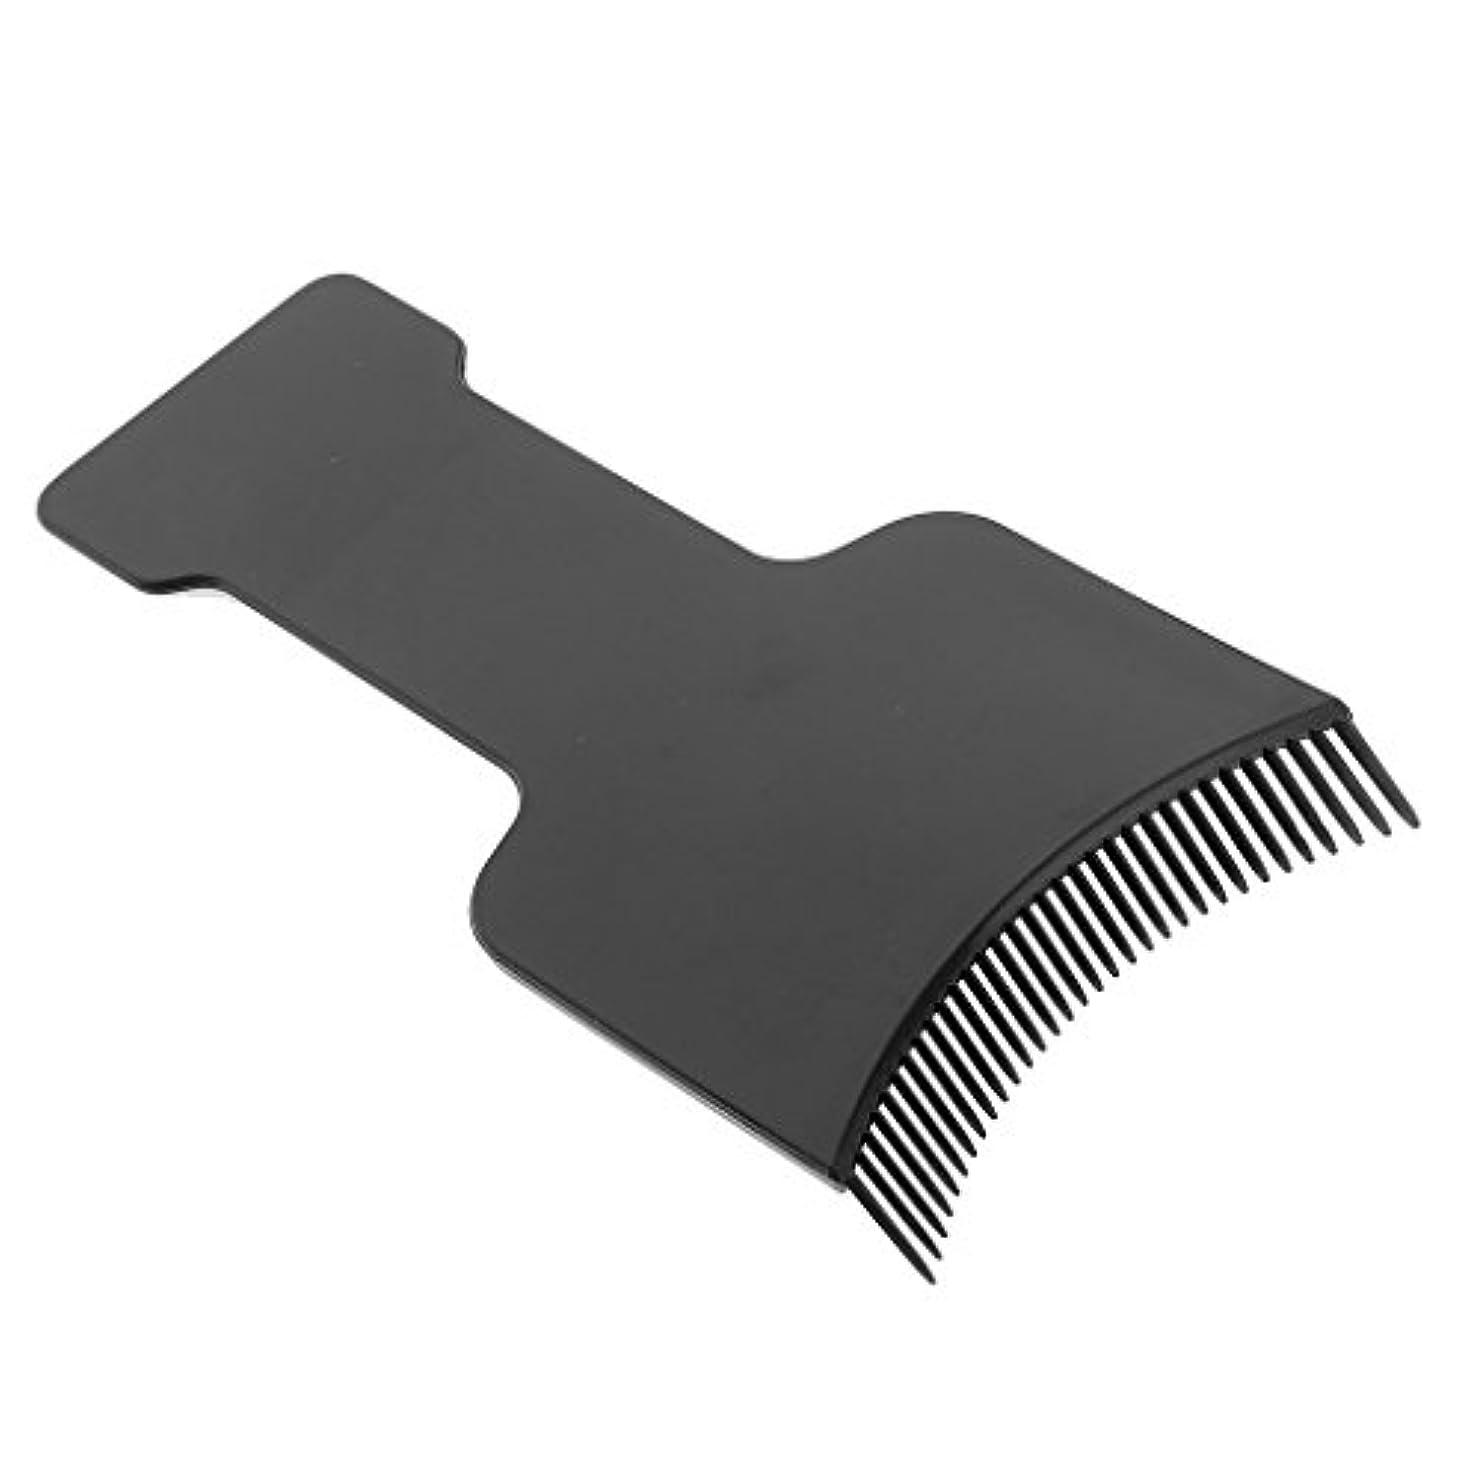 完璧瞑想配管サロン ヘアカラー ボード ヘア 染色 ツール ブラック 全4サイズ - S